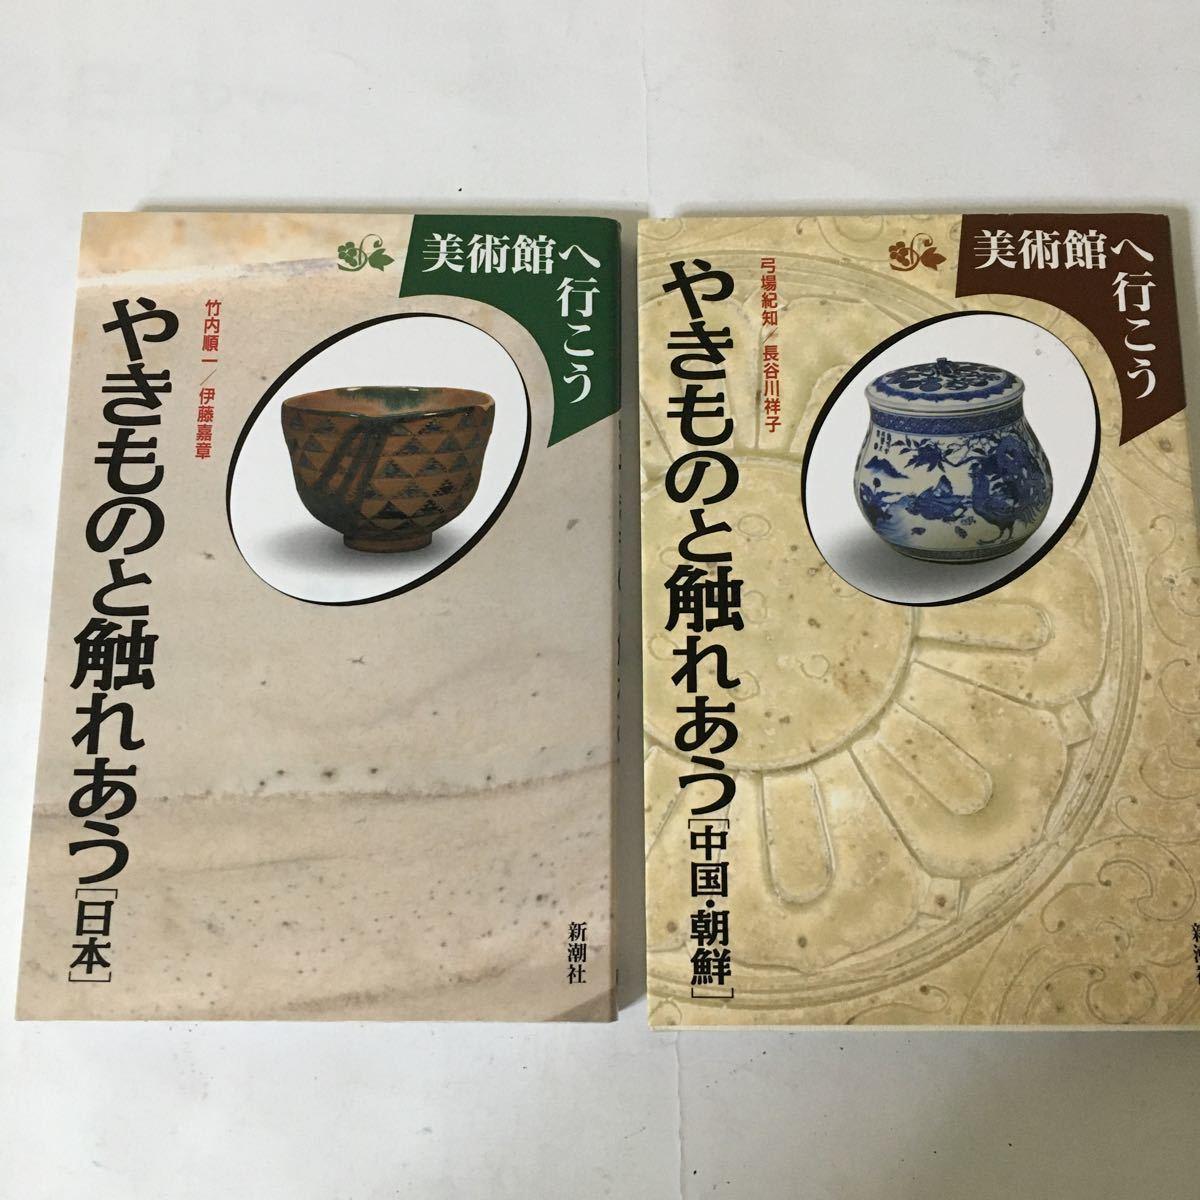 やきものと触れあう [日本][中国・朝鮮](美術館へ行こう)2冊セット 新潮社